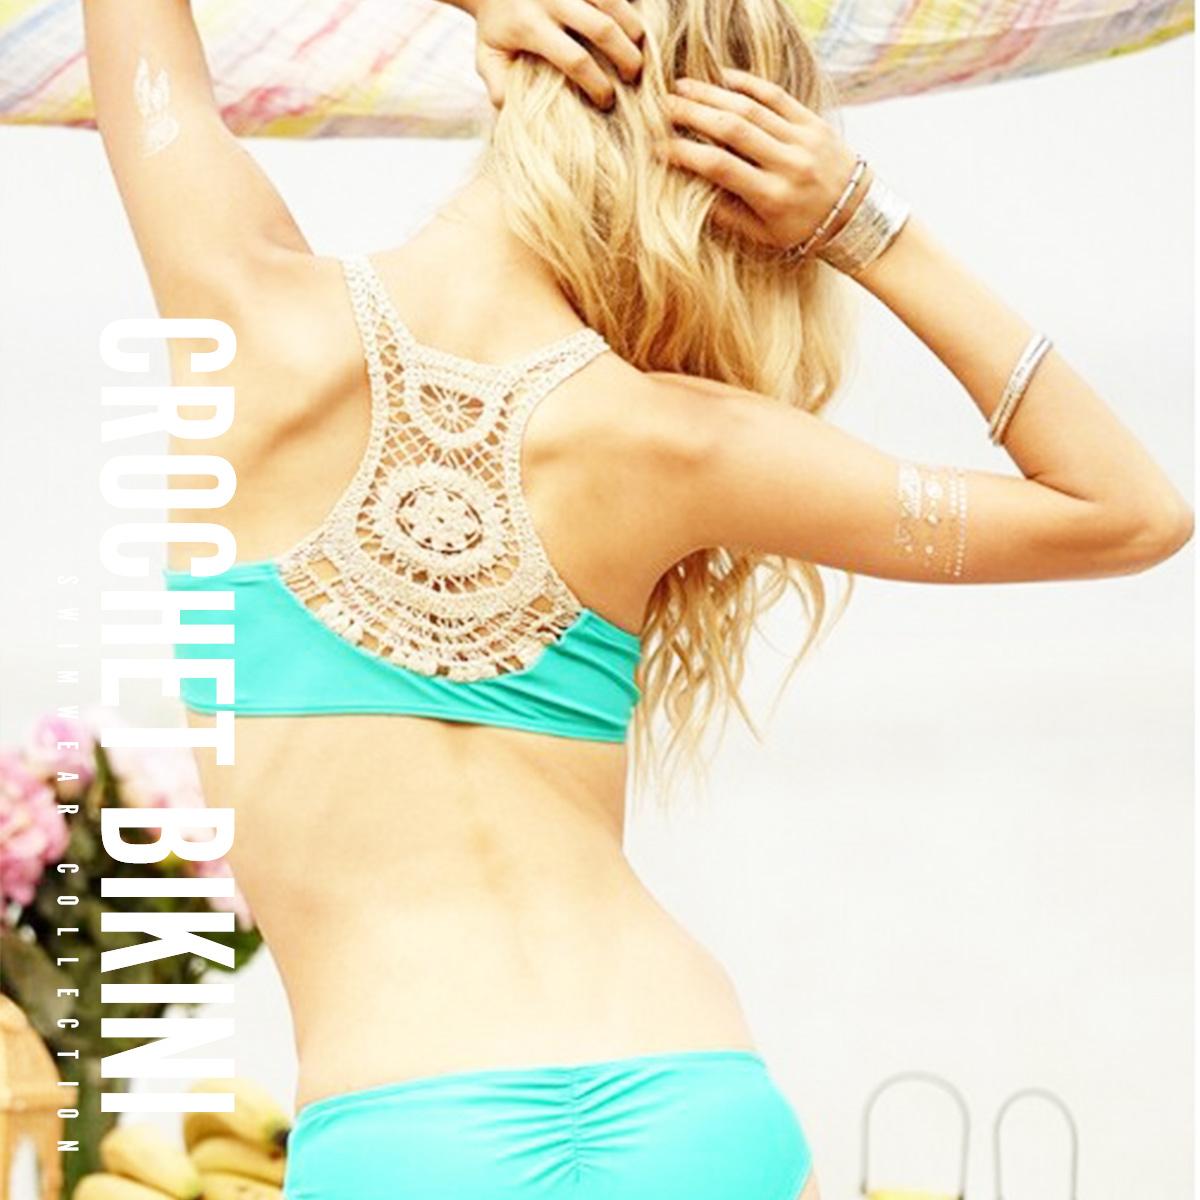 インポート ビキニ 水着 レディース ビーチ トレンド バック スタイル フィットネス クロシェ 新作通販 ◆高品質 ズンバ かぎ編み bikini ヨガ セール